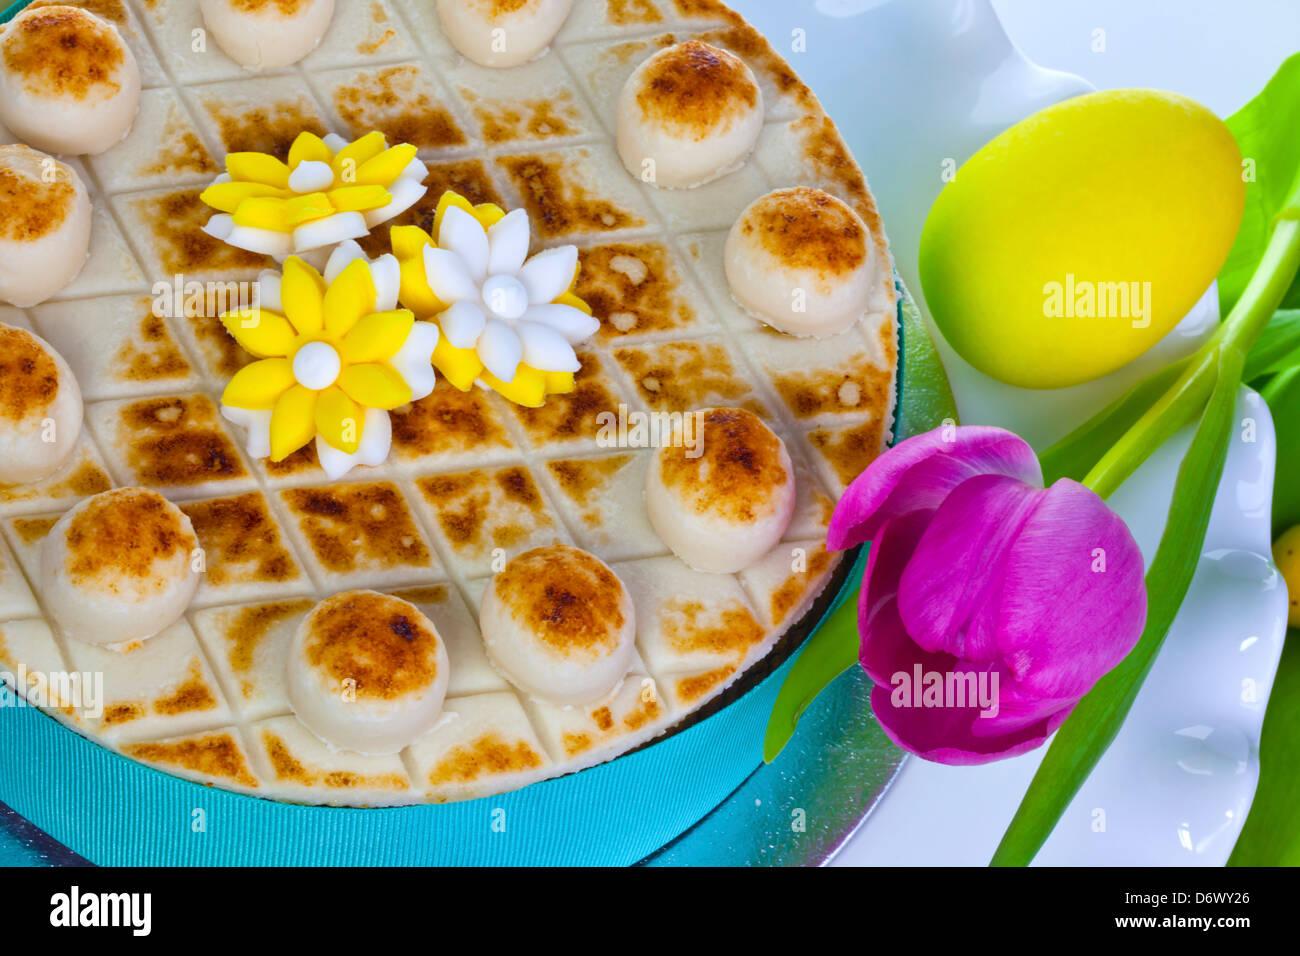 Gâteau de Pâques traditionnel décoré de fleurs en massepain. Photo Stock